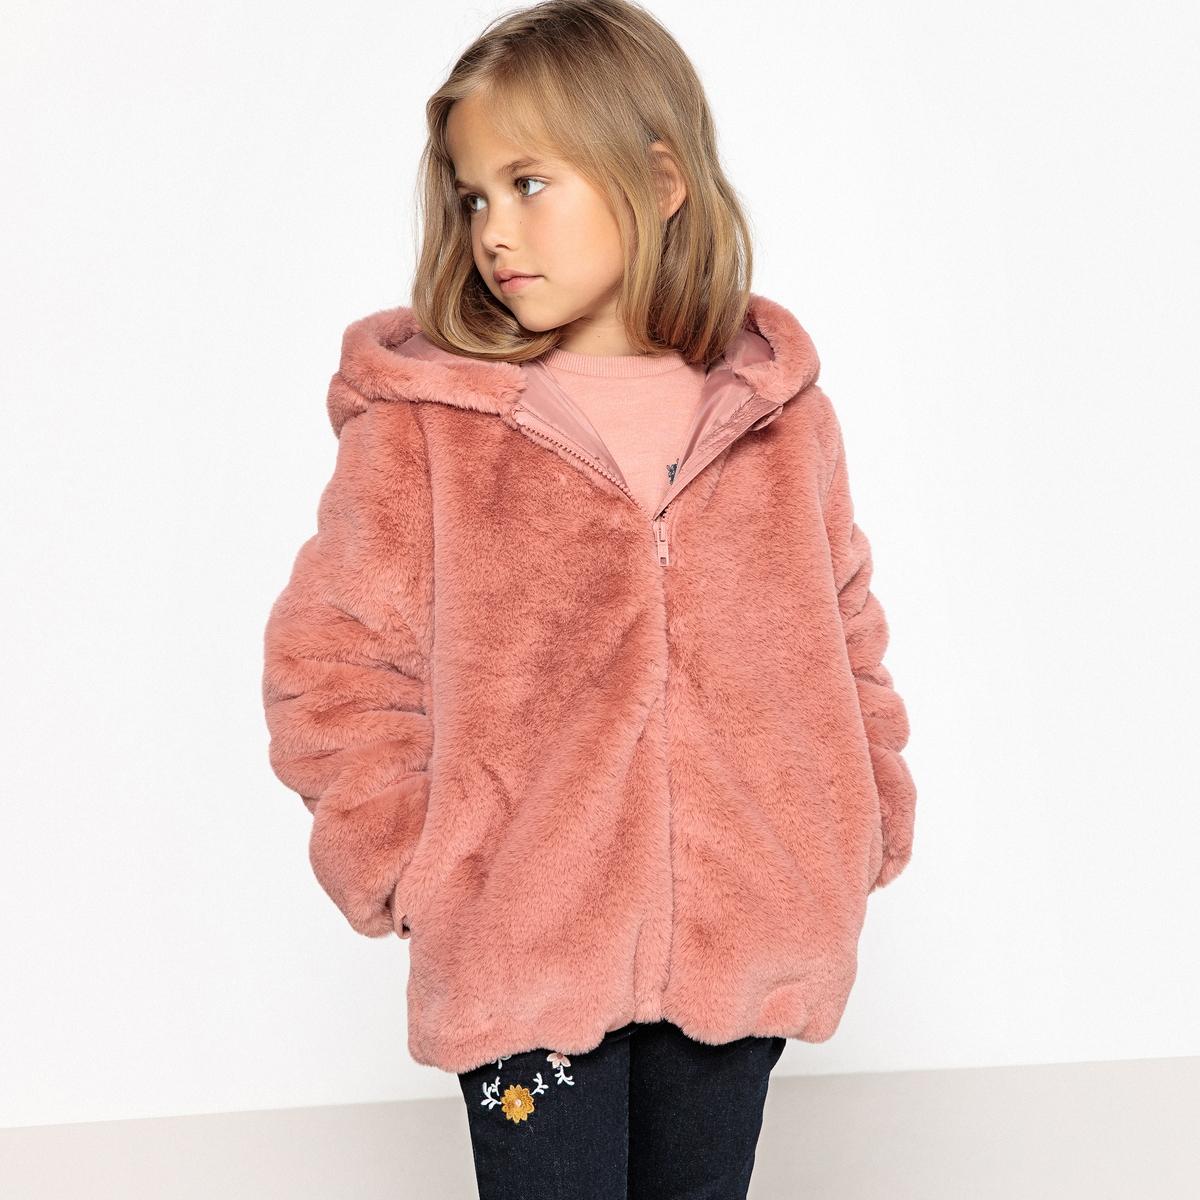 Пальто мягкое с капюшоном, 3-12 лет La Redoute Collections